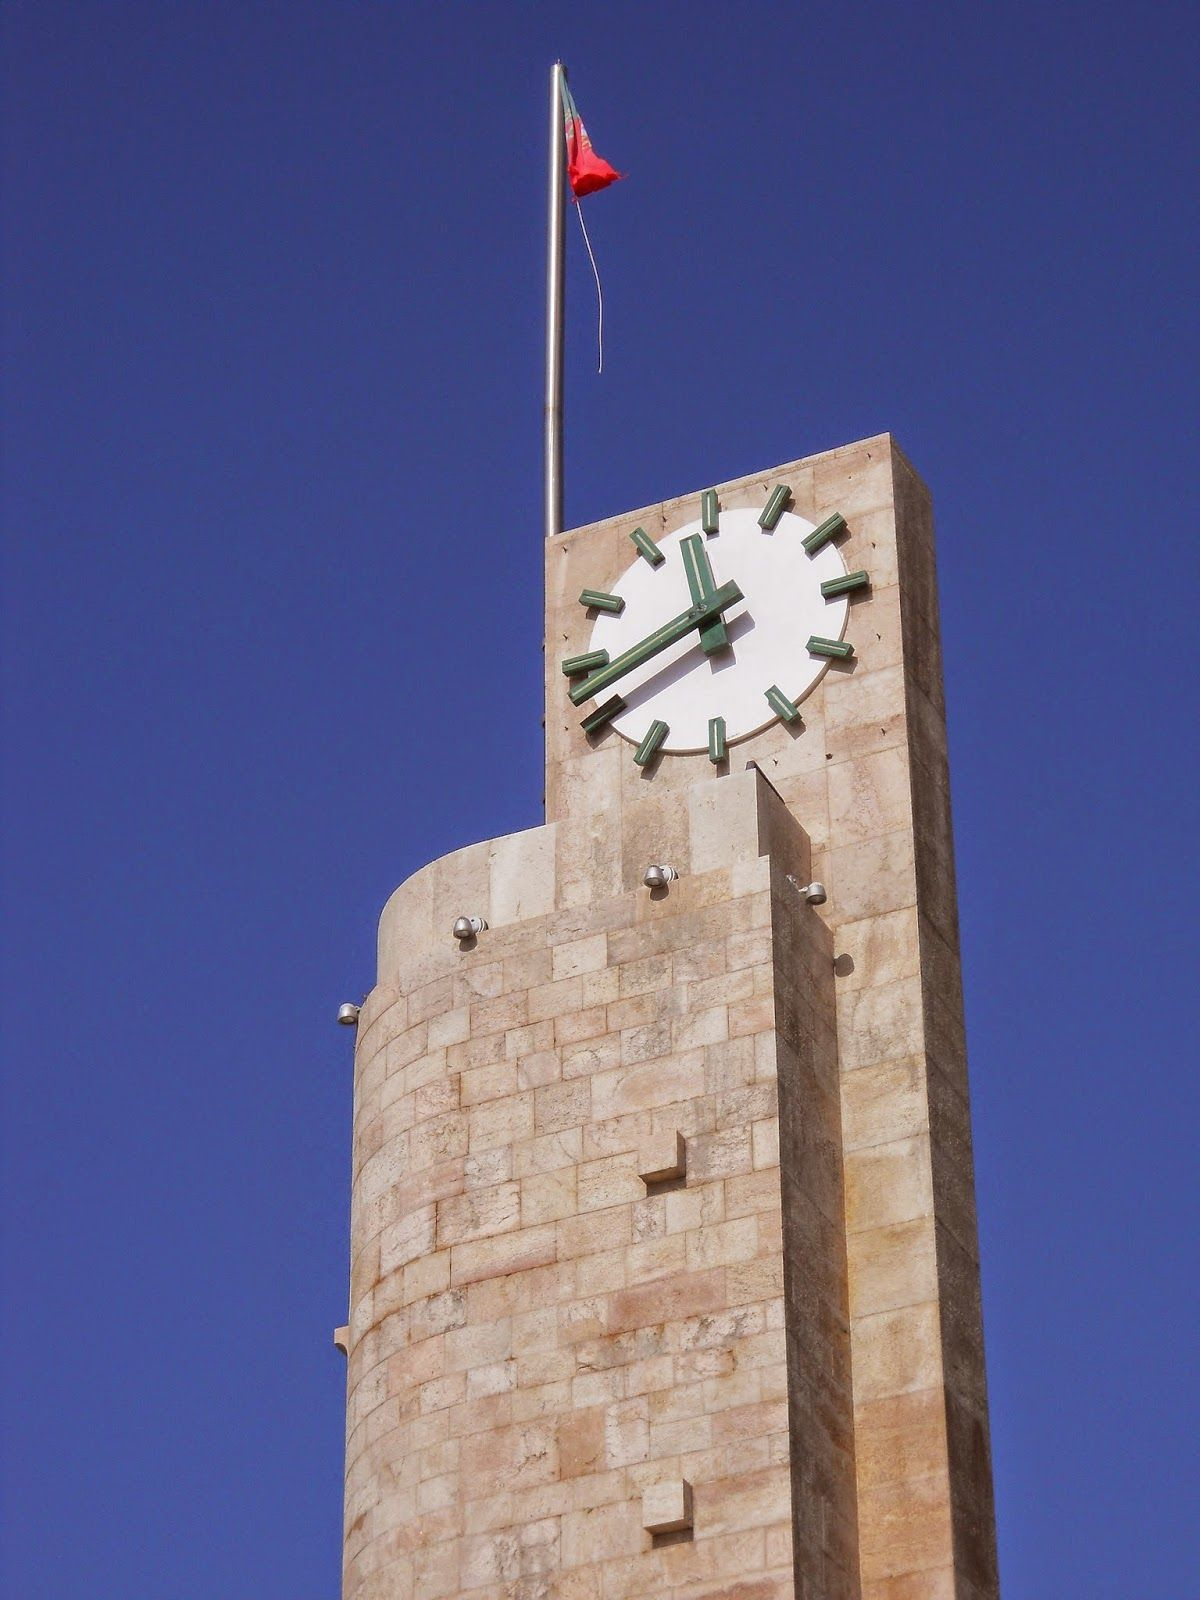 O Palhetas na Foz: Torre do relógio com bandeira a desfiar-se e solta...